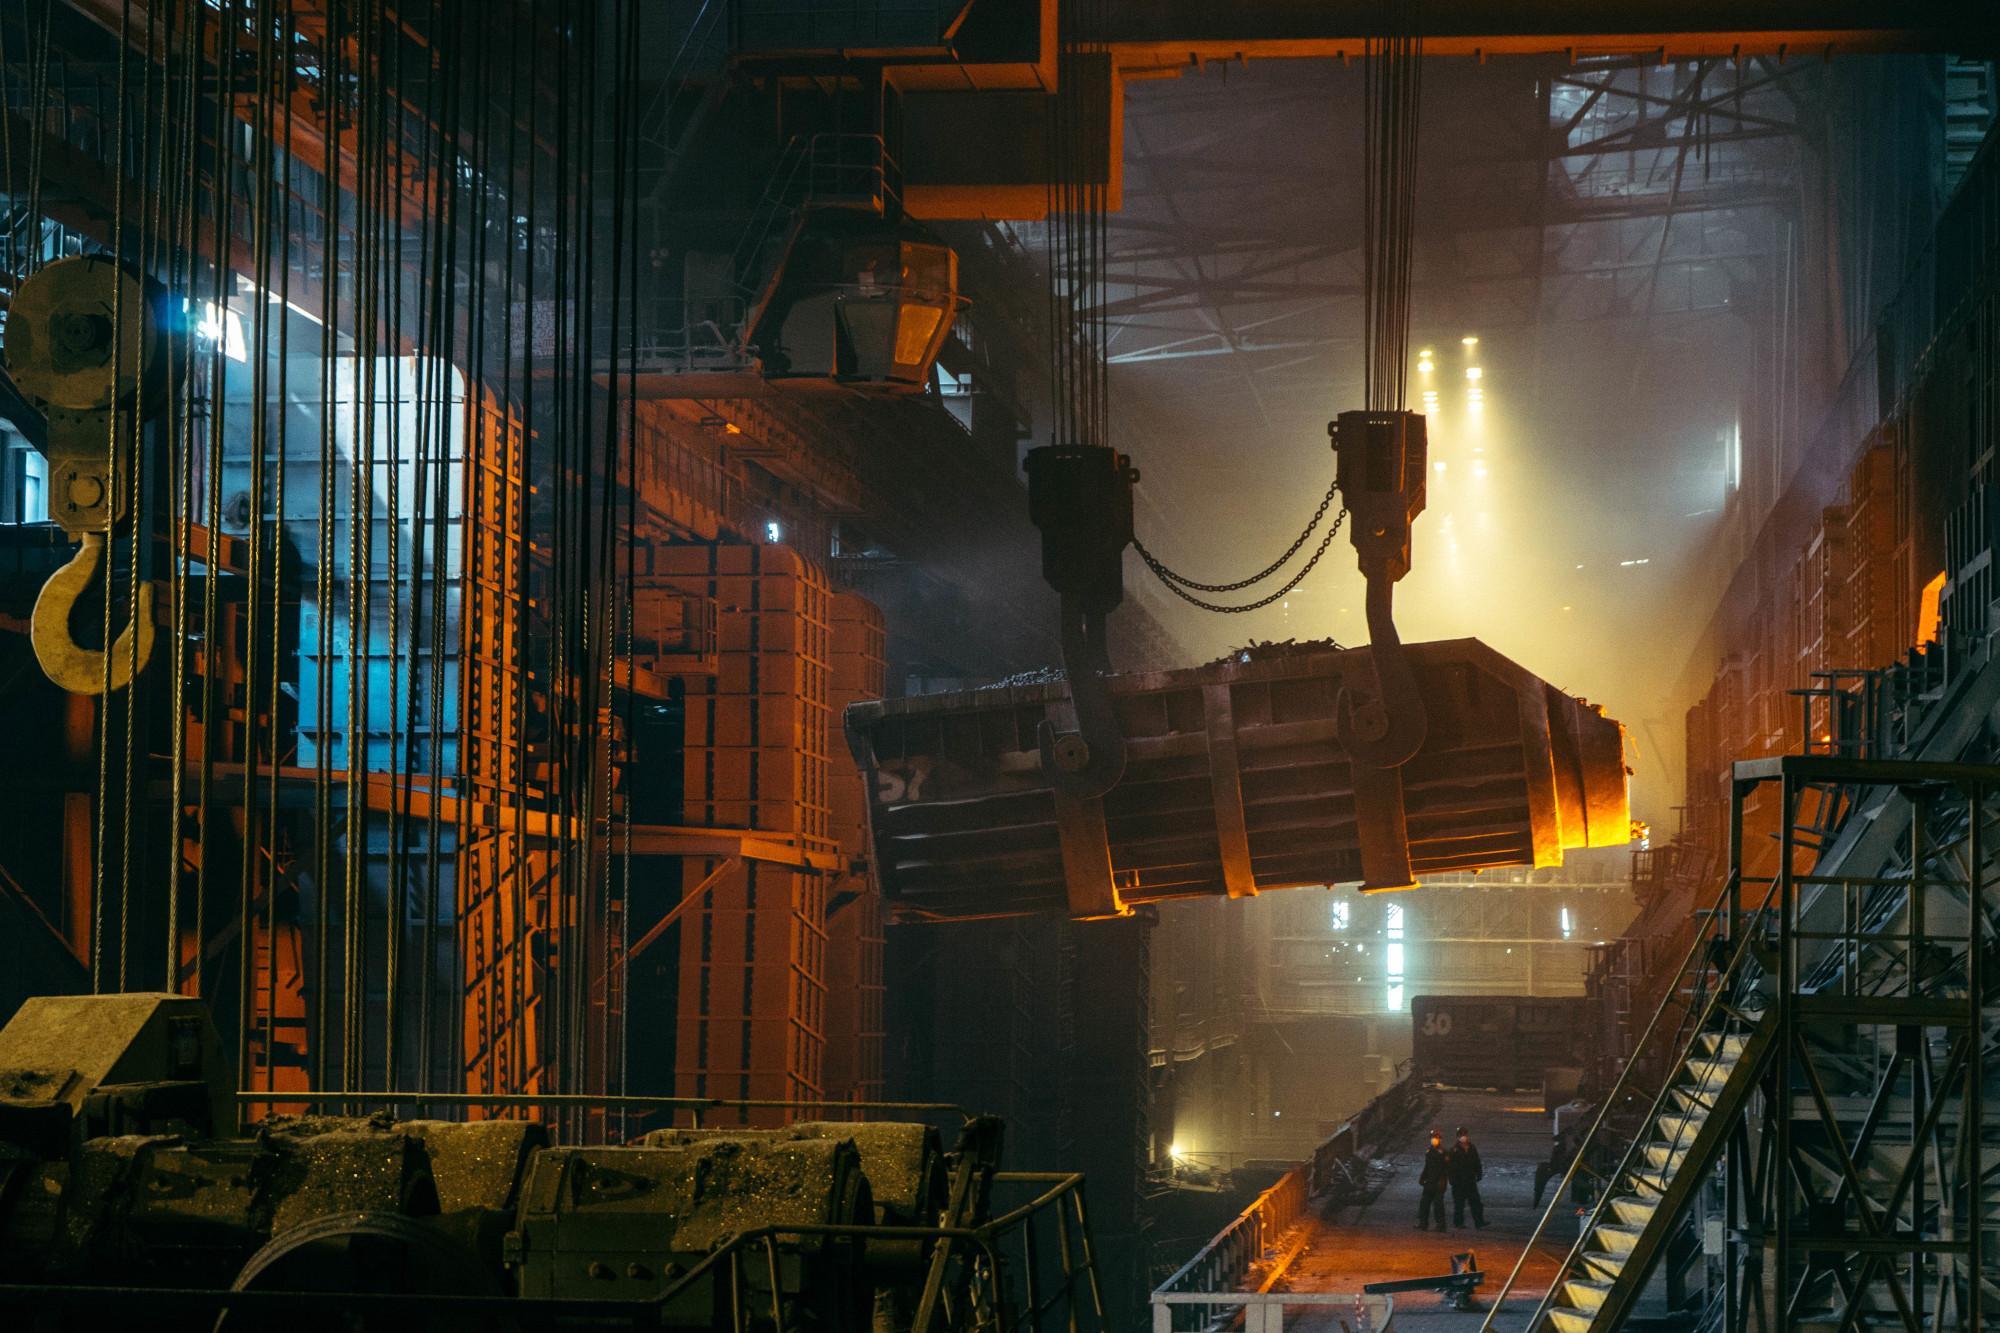 Deux hommes travaillant dans une imposante aciérie.